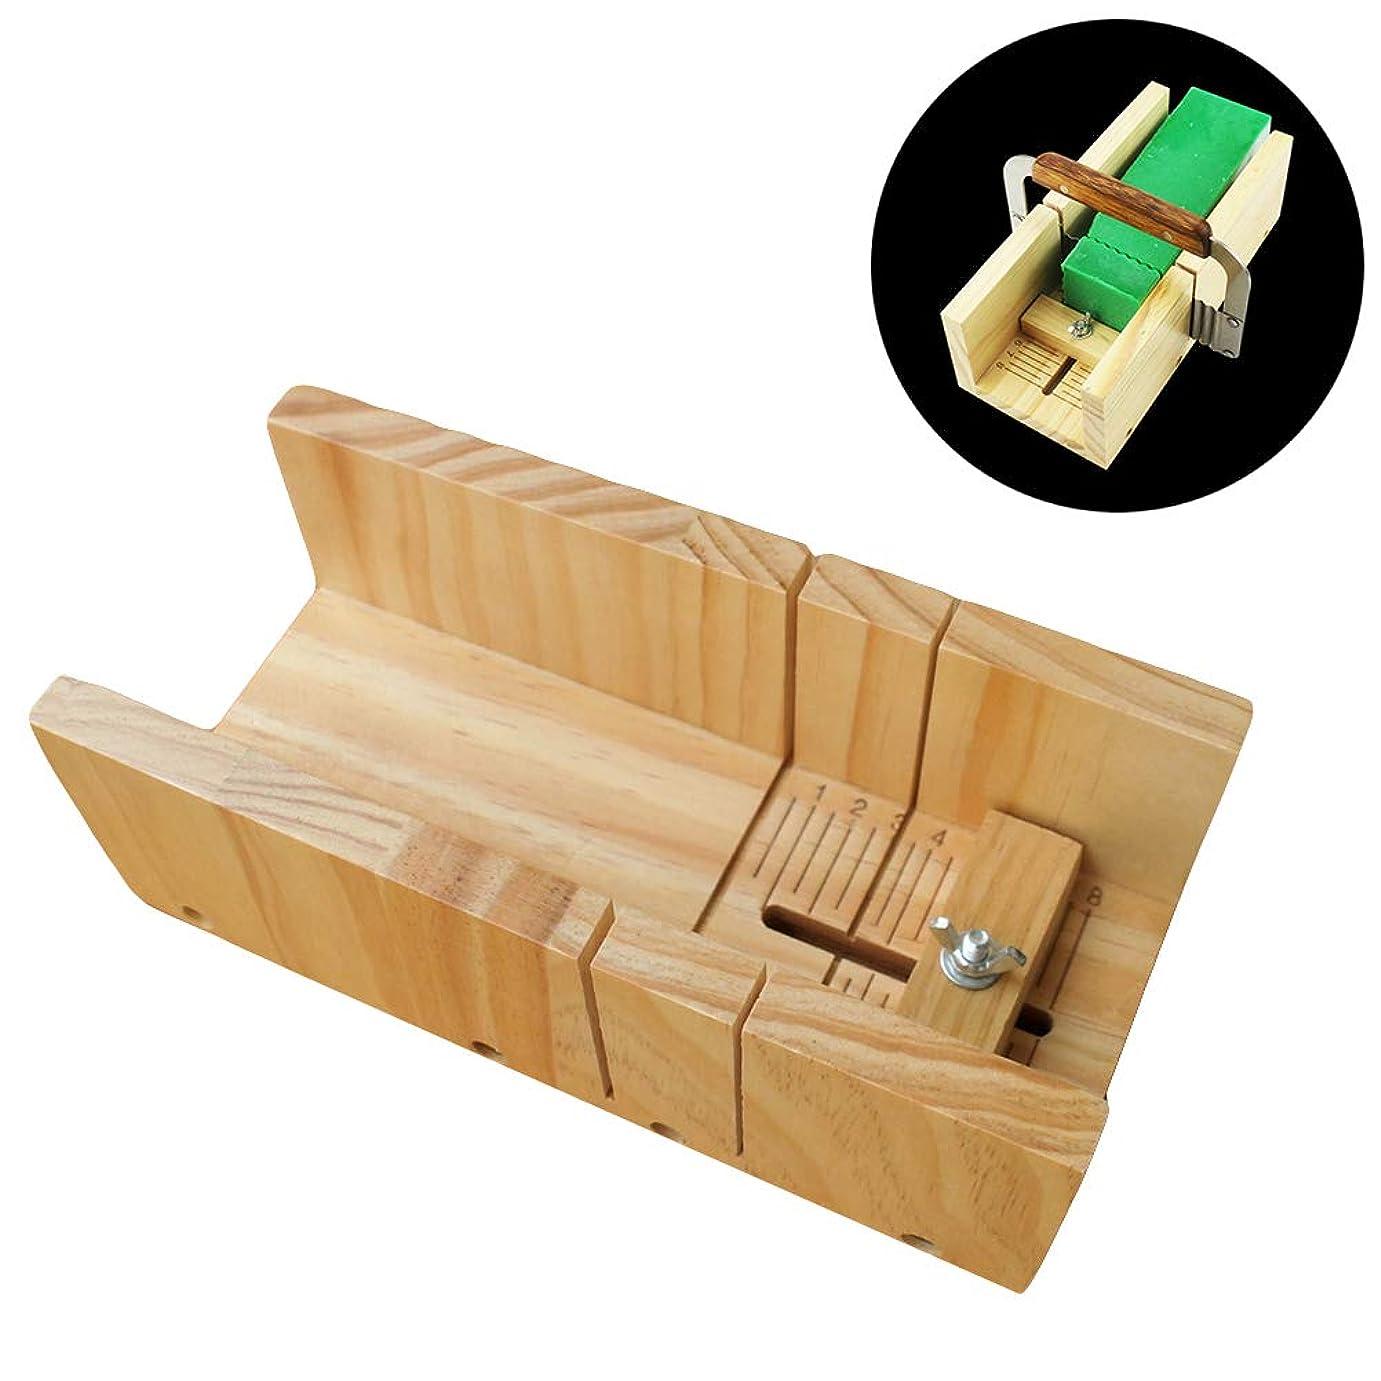 わずらわしいアナニバーライナーHealifty 木製石鹸カッターモールド石鹸ロープモールド調節可能なカッターモールドボックス石鹸ツールを作る